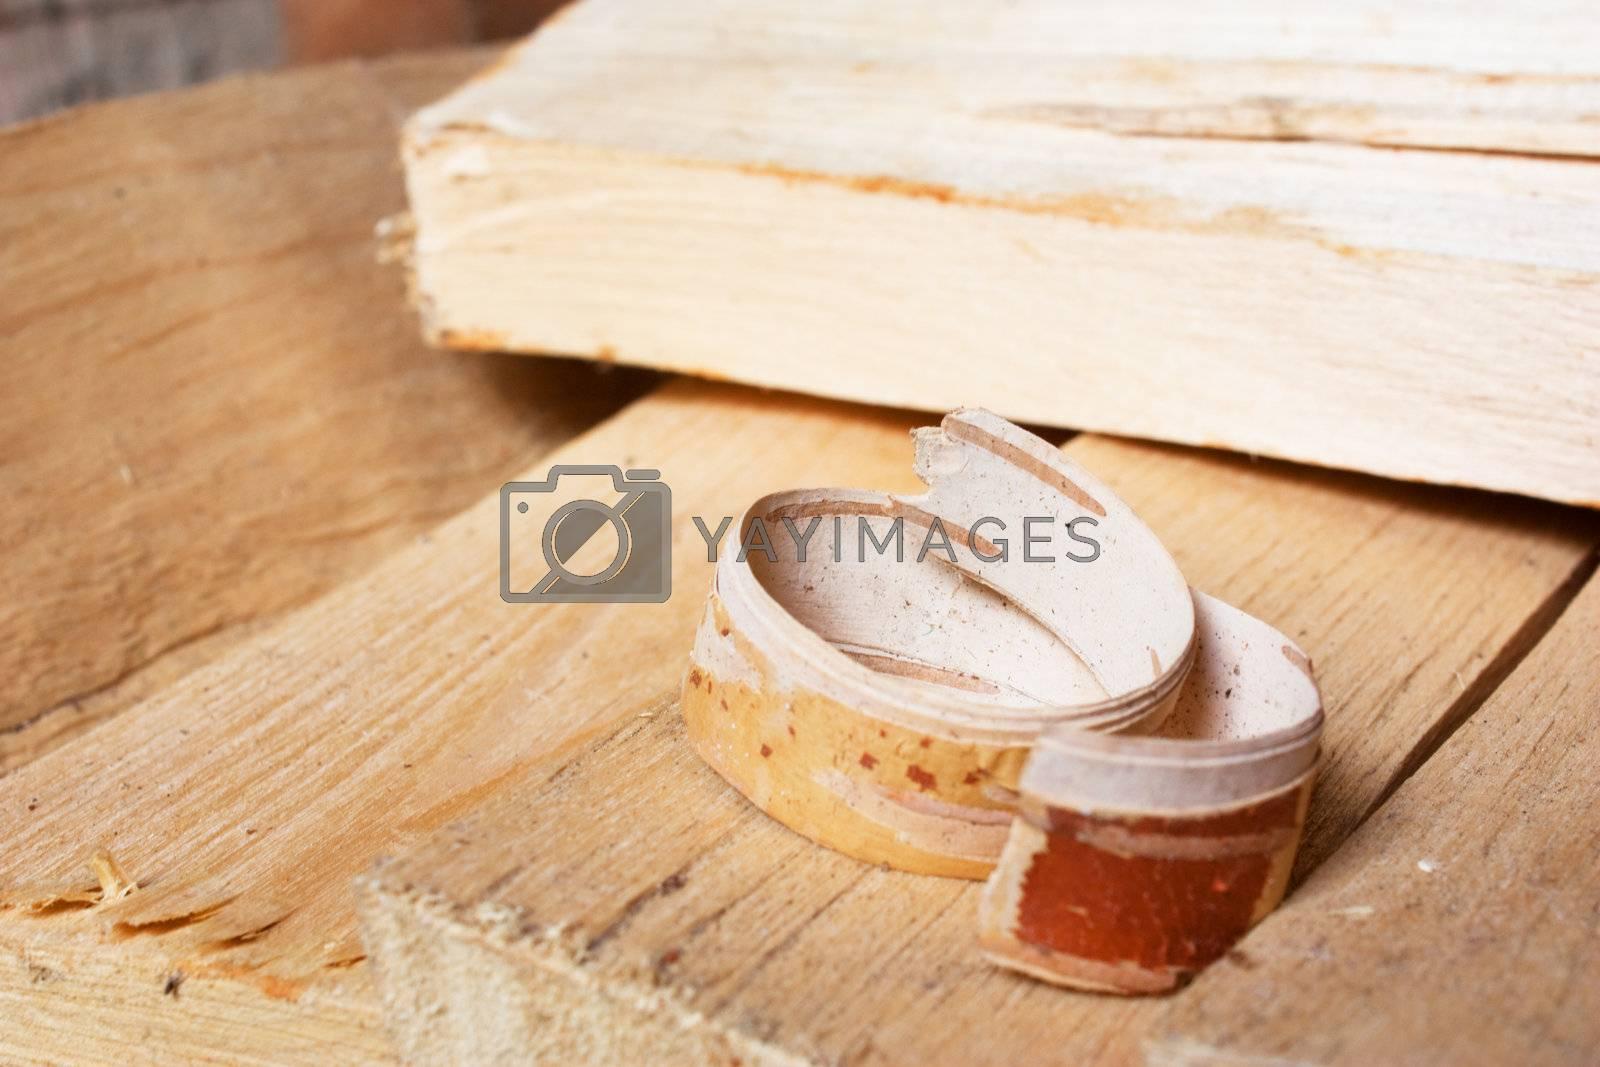 Curled upper bark shaving on birch firewoods